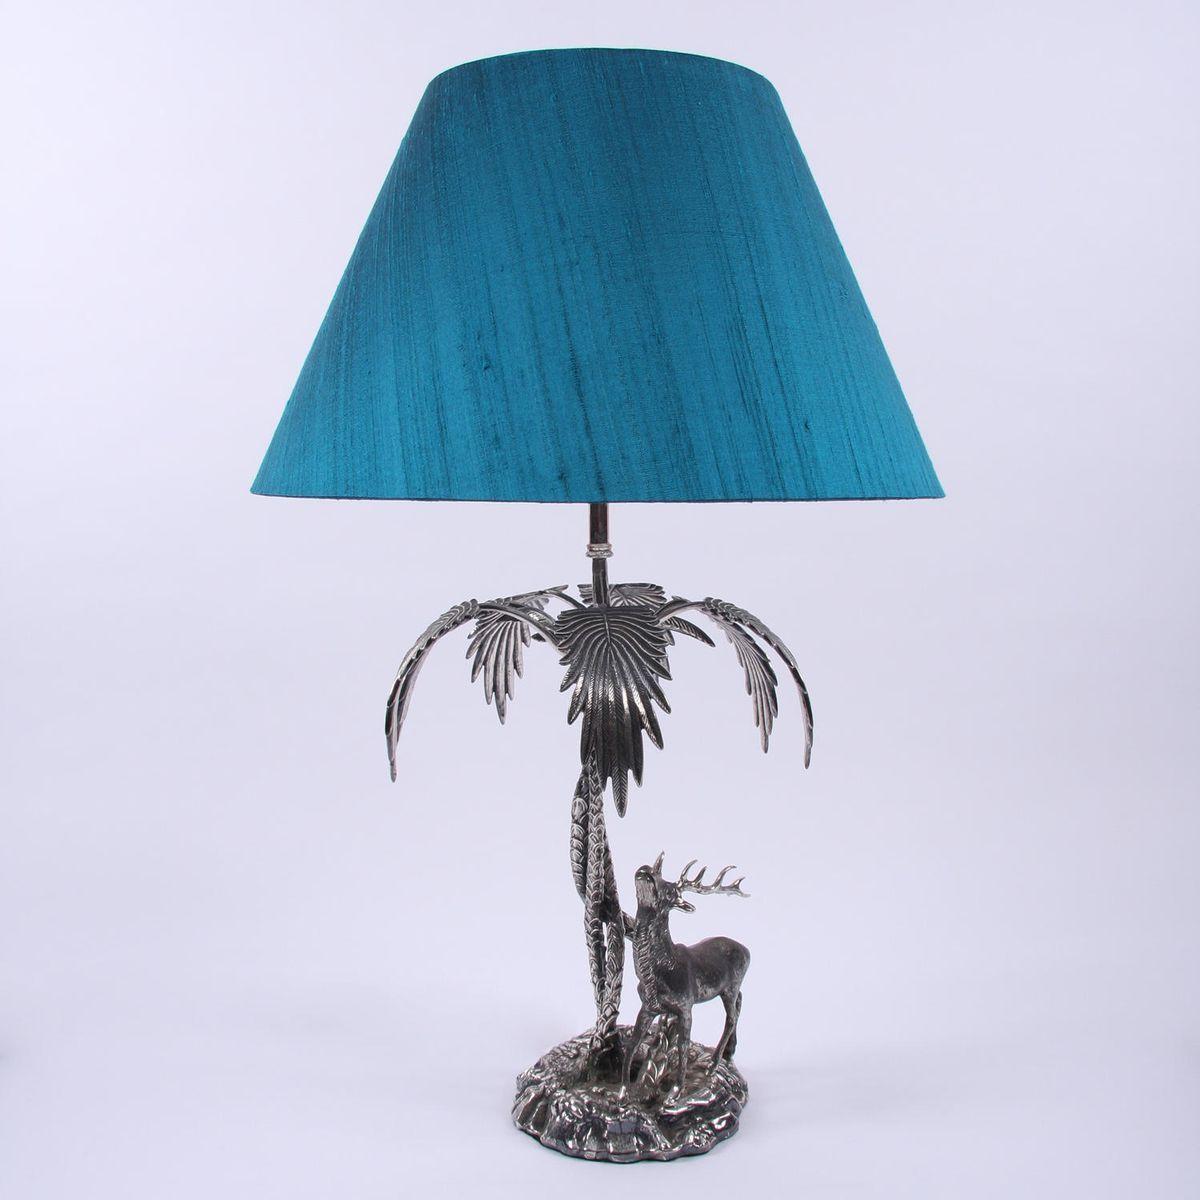 Moderne Lampen Fur Esstisch Tischleuchten Modern Weiss Deckeneinbauleuchten Led Led Tischleuchte Tou Deckeneinbauleuchten Einbau Led Tischleuchten Modern